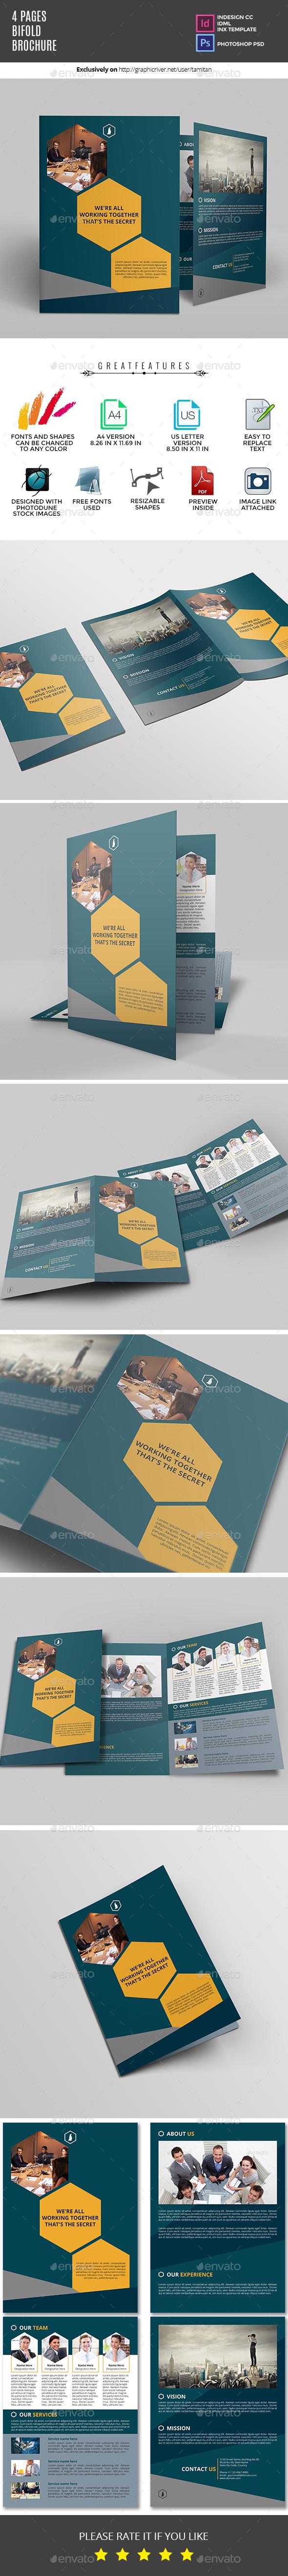 Bifold Brochure - Corporate Brochures